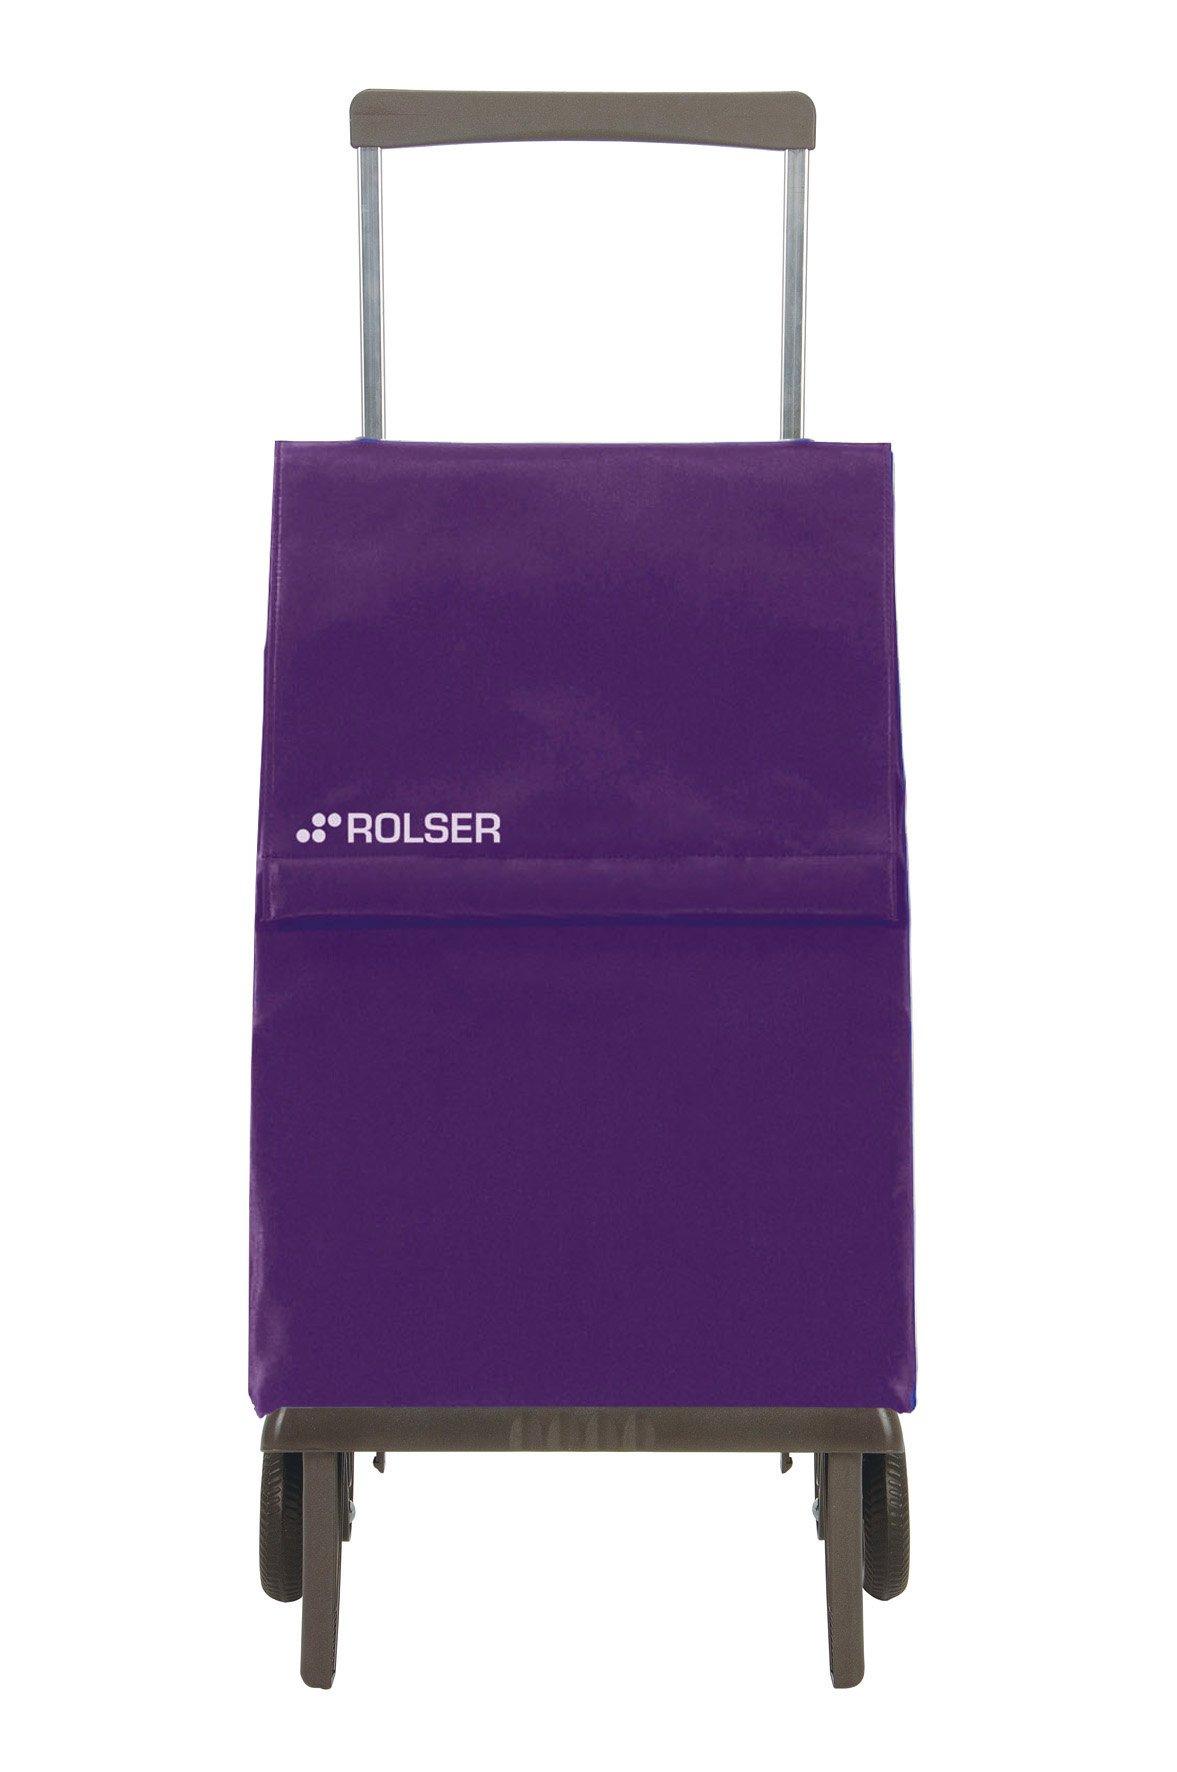 ROLSER Unisex-Adult Plegamatic Original Bag Organiser Purple PLE001